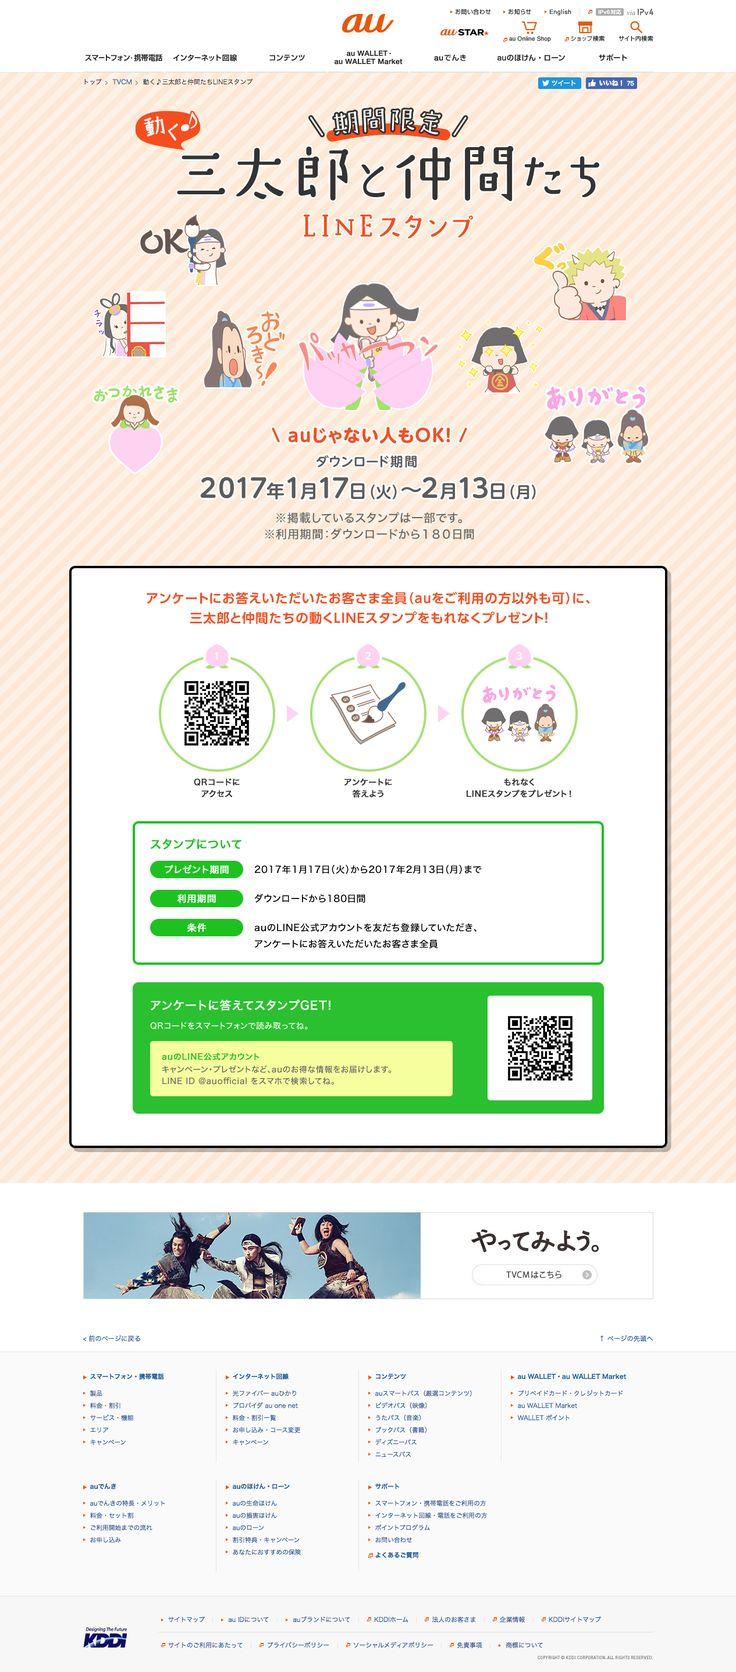 動く♪三太郎と仲間たちLINEスタンプ プレゼント | au #Campaign